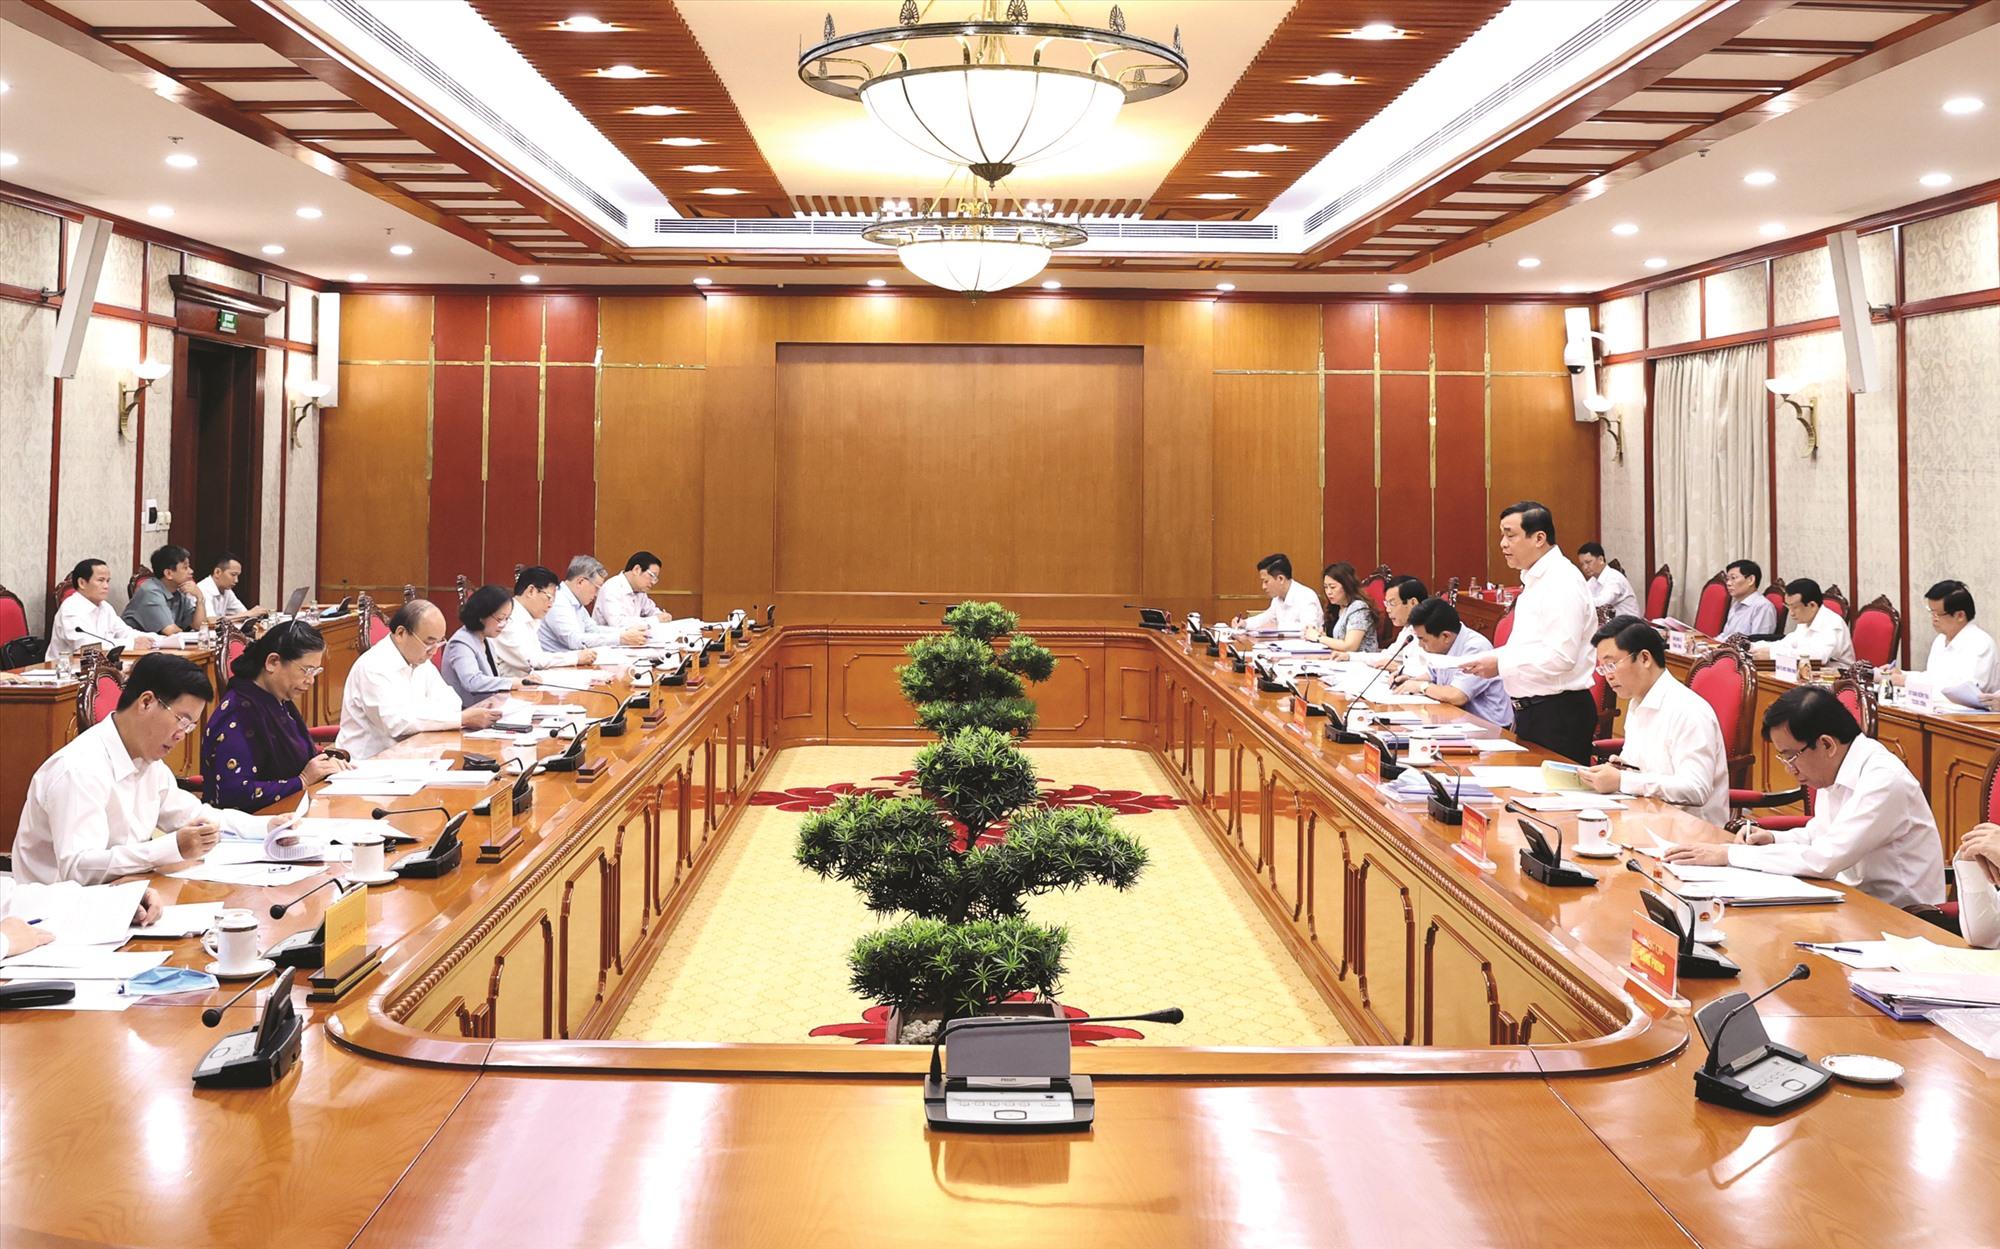 Quang cảnh buổi làm việc của Bộ Chính trị, Ban Bí thư với Ban Thường vụ Tỉnh ủy Quảng Nam về công tác chuẩn bị Đại hội đại biểu Đảng bộ tỉnh nhiệm kỳ 2020 - 2025.